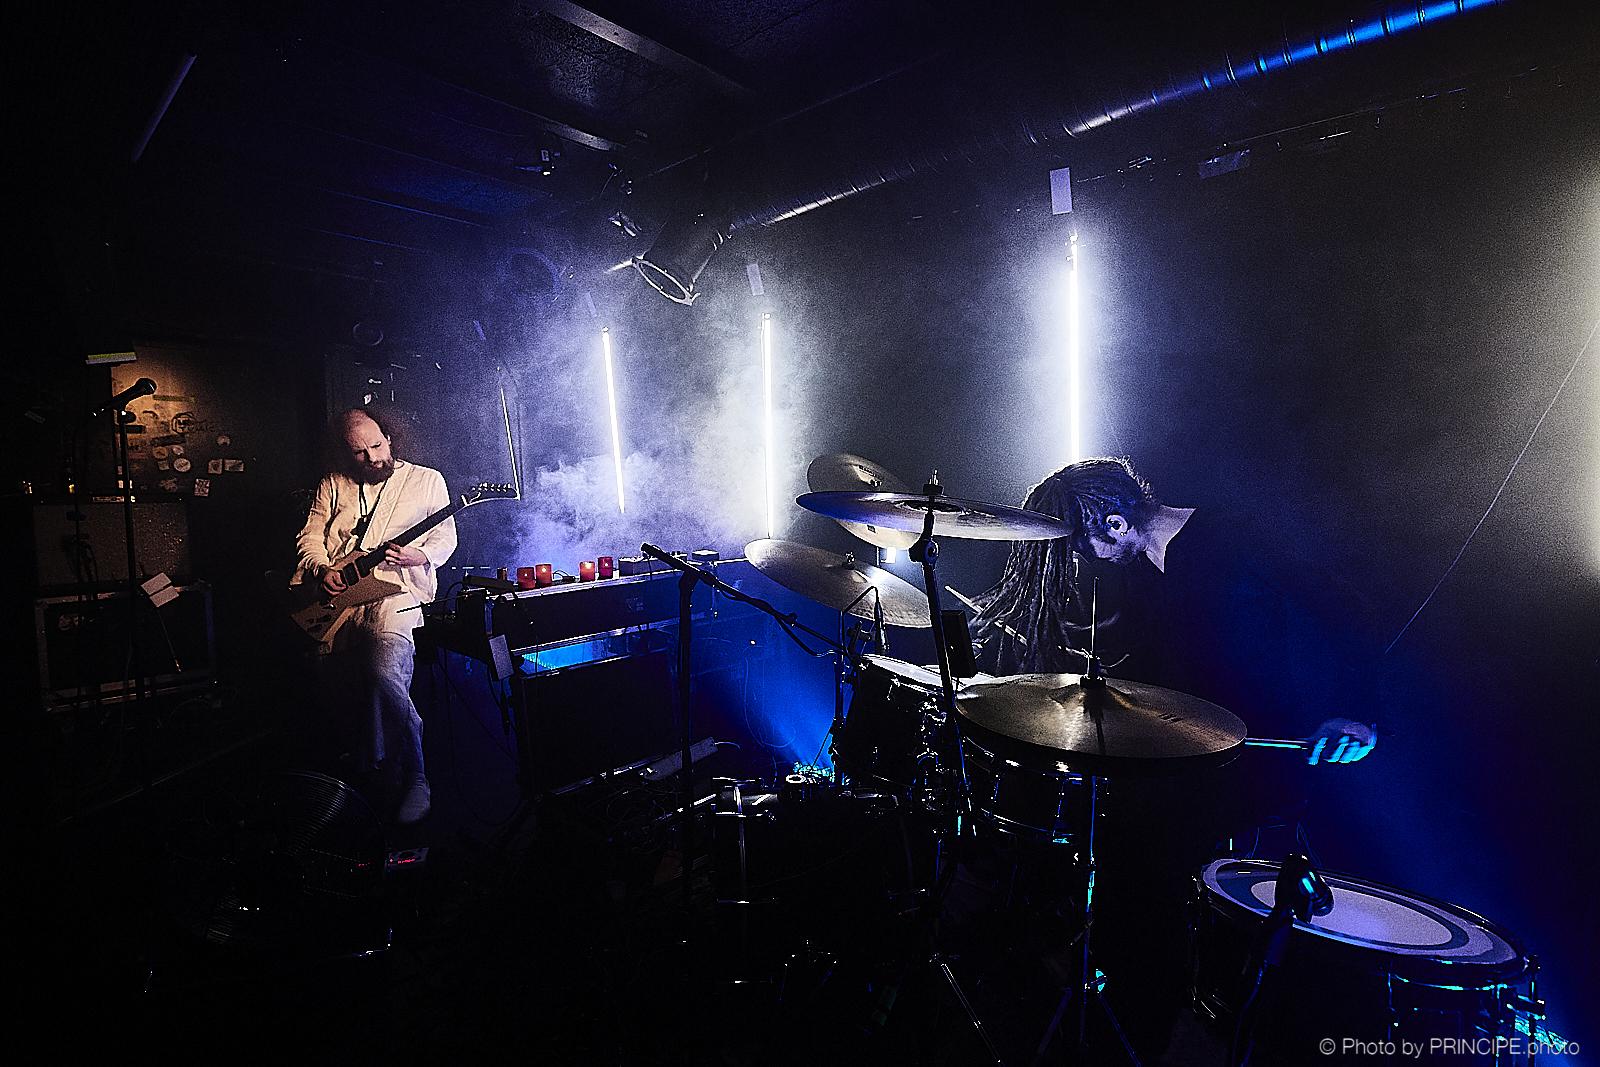 Lord Kesseli & the Drums @ Bad Bonn